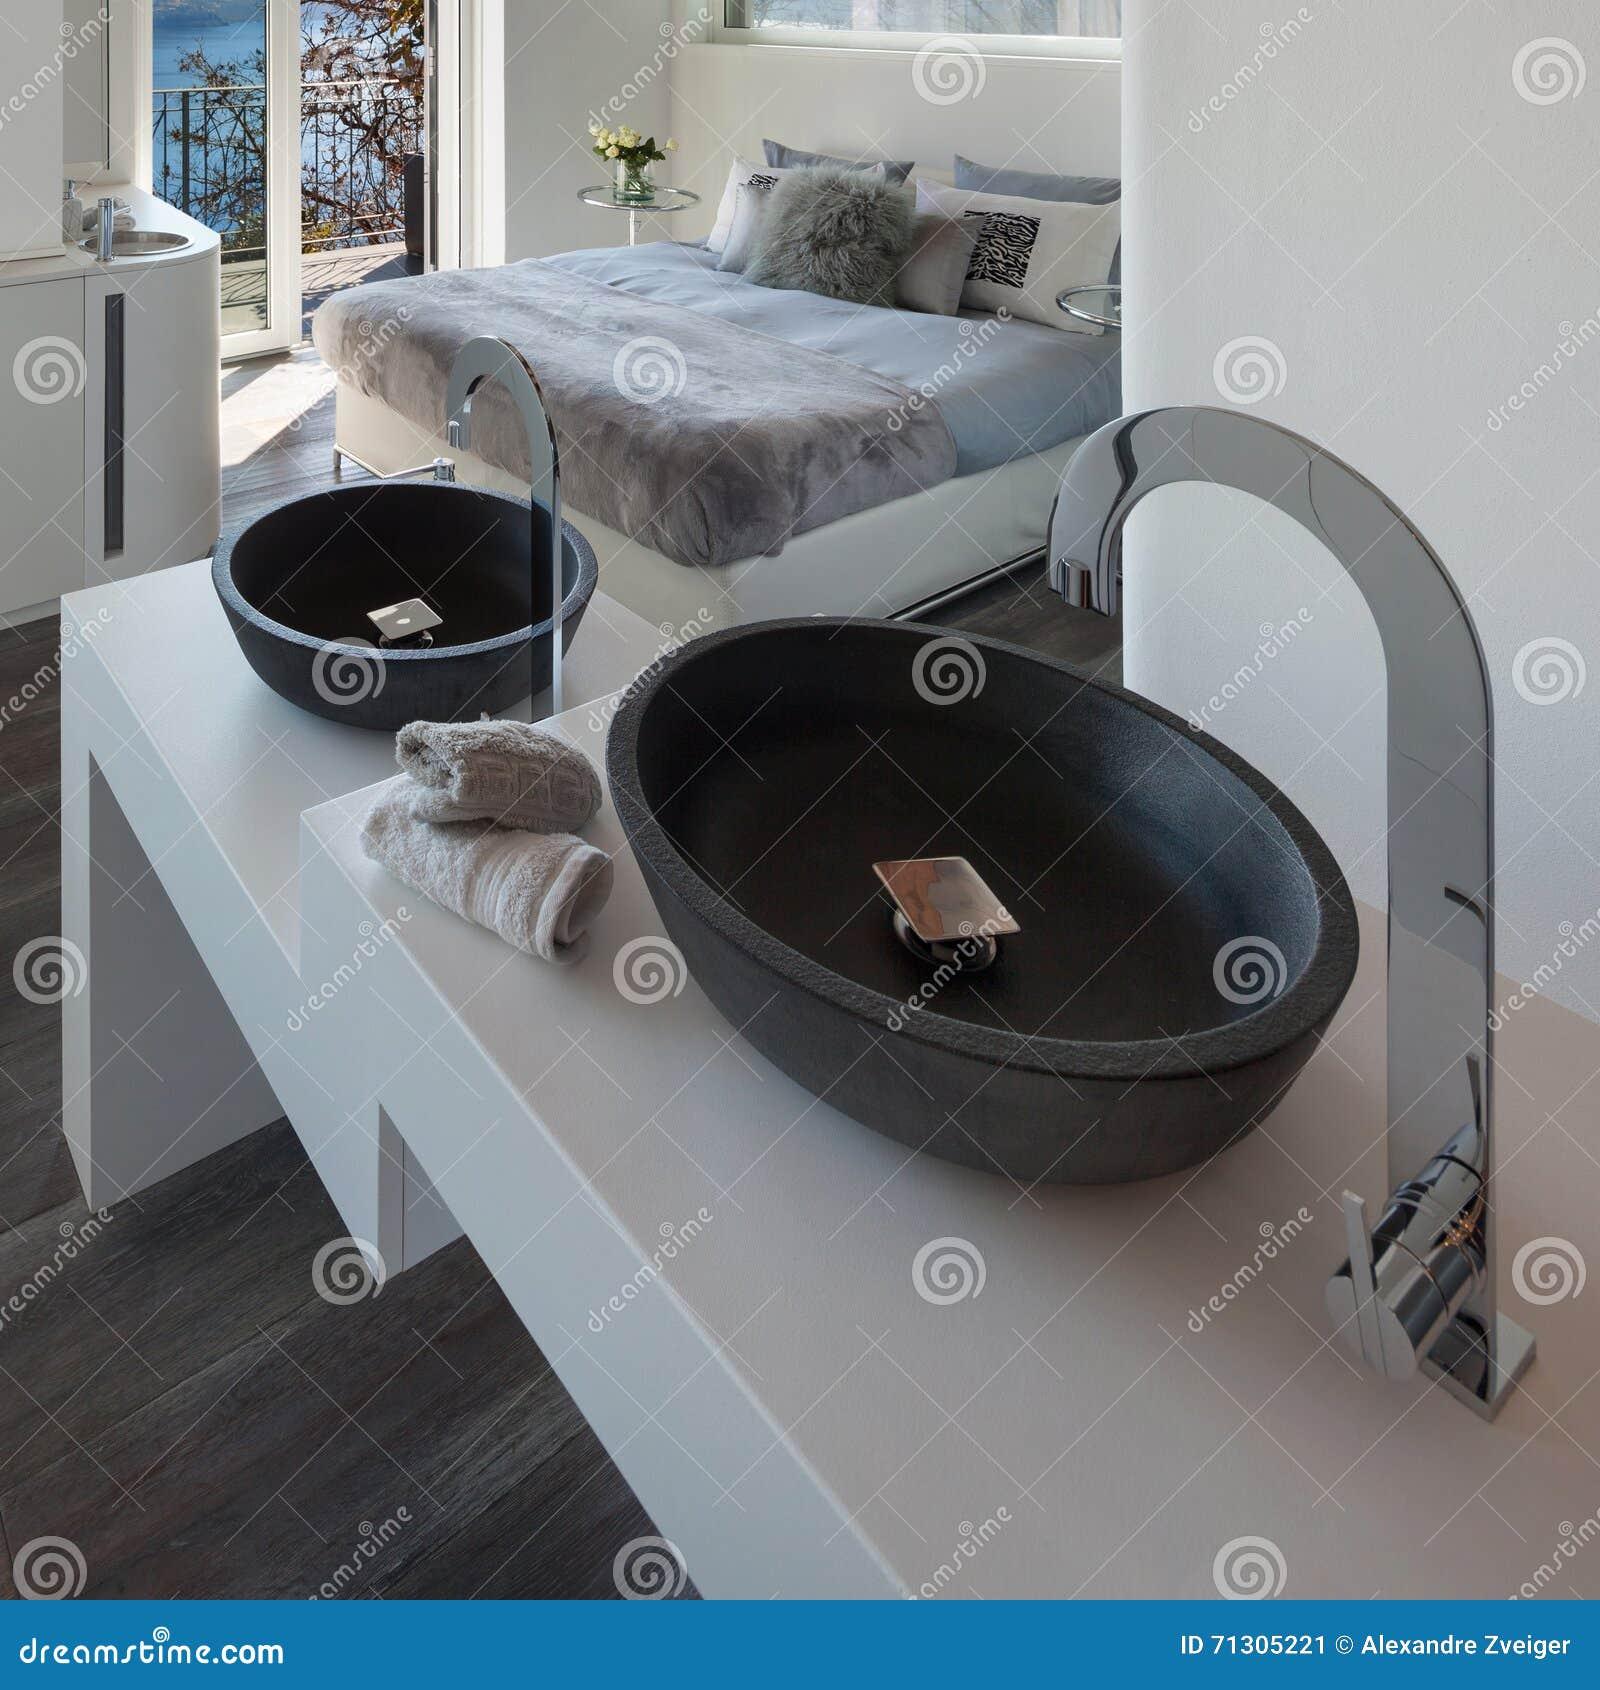 Bequemes Bad Im Schlafzimmer Stockbild - Bild von badezimmer, raum ...